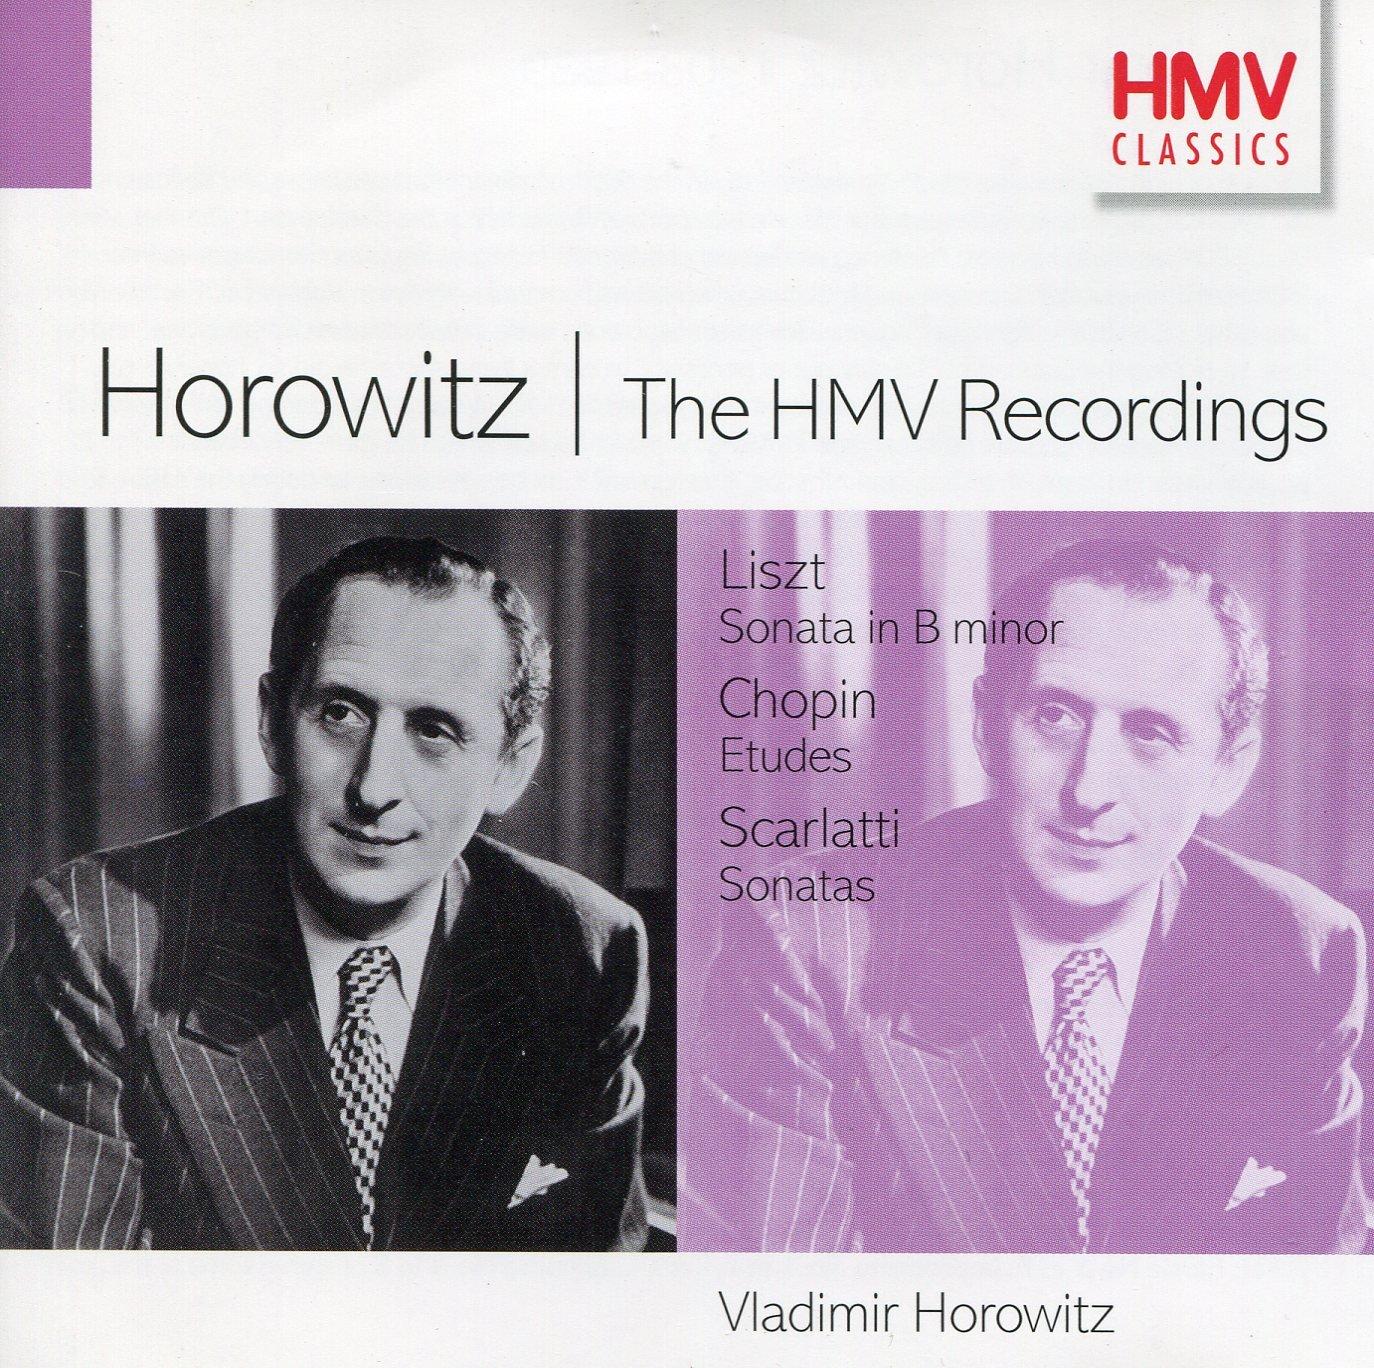 Liszt, Chopin, Scarlatti, Schumann, Debussy, Poulenc, Stravinsky, Rimsky-Korsakov, Vladimir Horowitz Horowitz - The HMV Recordings Vinyl